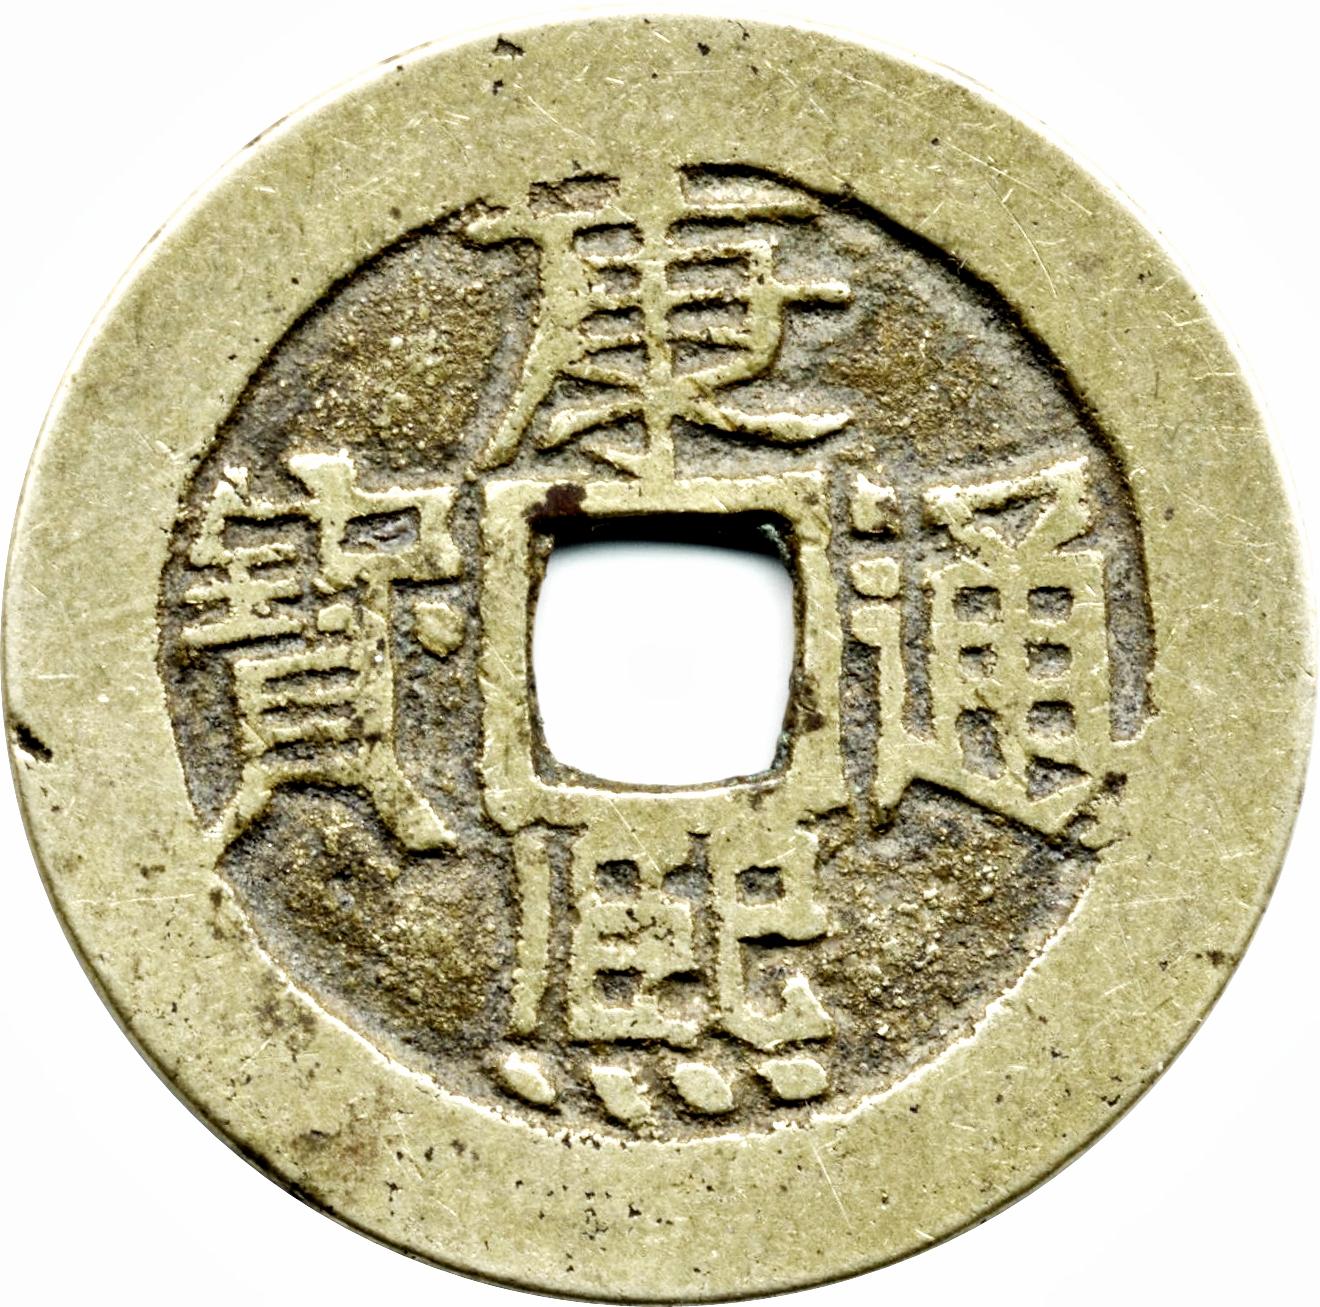 1 cash de Jiaqing. Ceca de Boo-Yuwan. 1796-1820. G1390